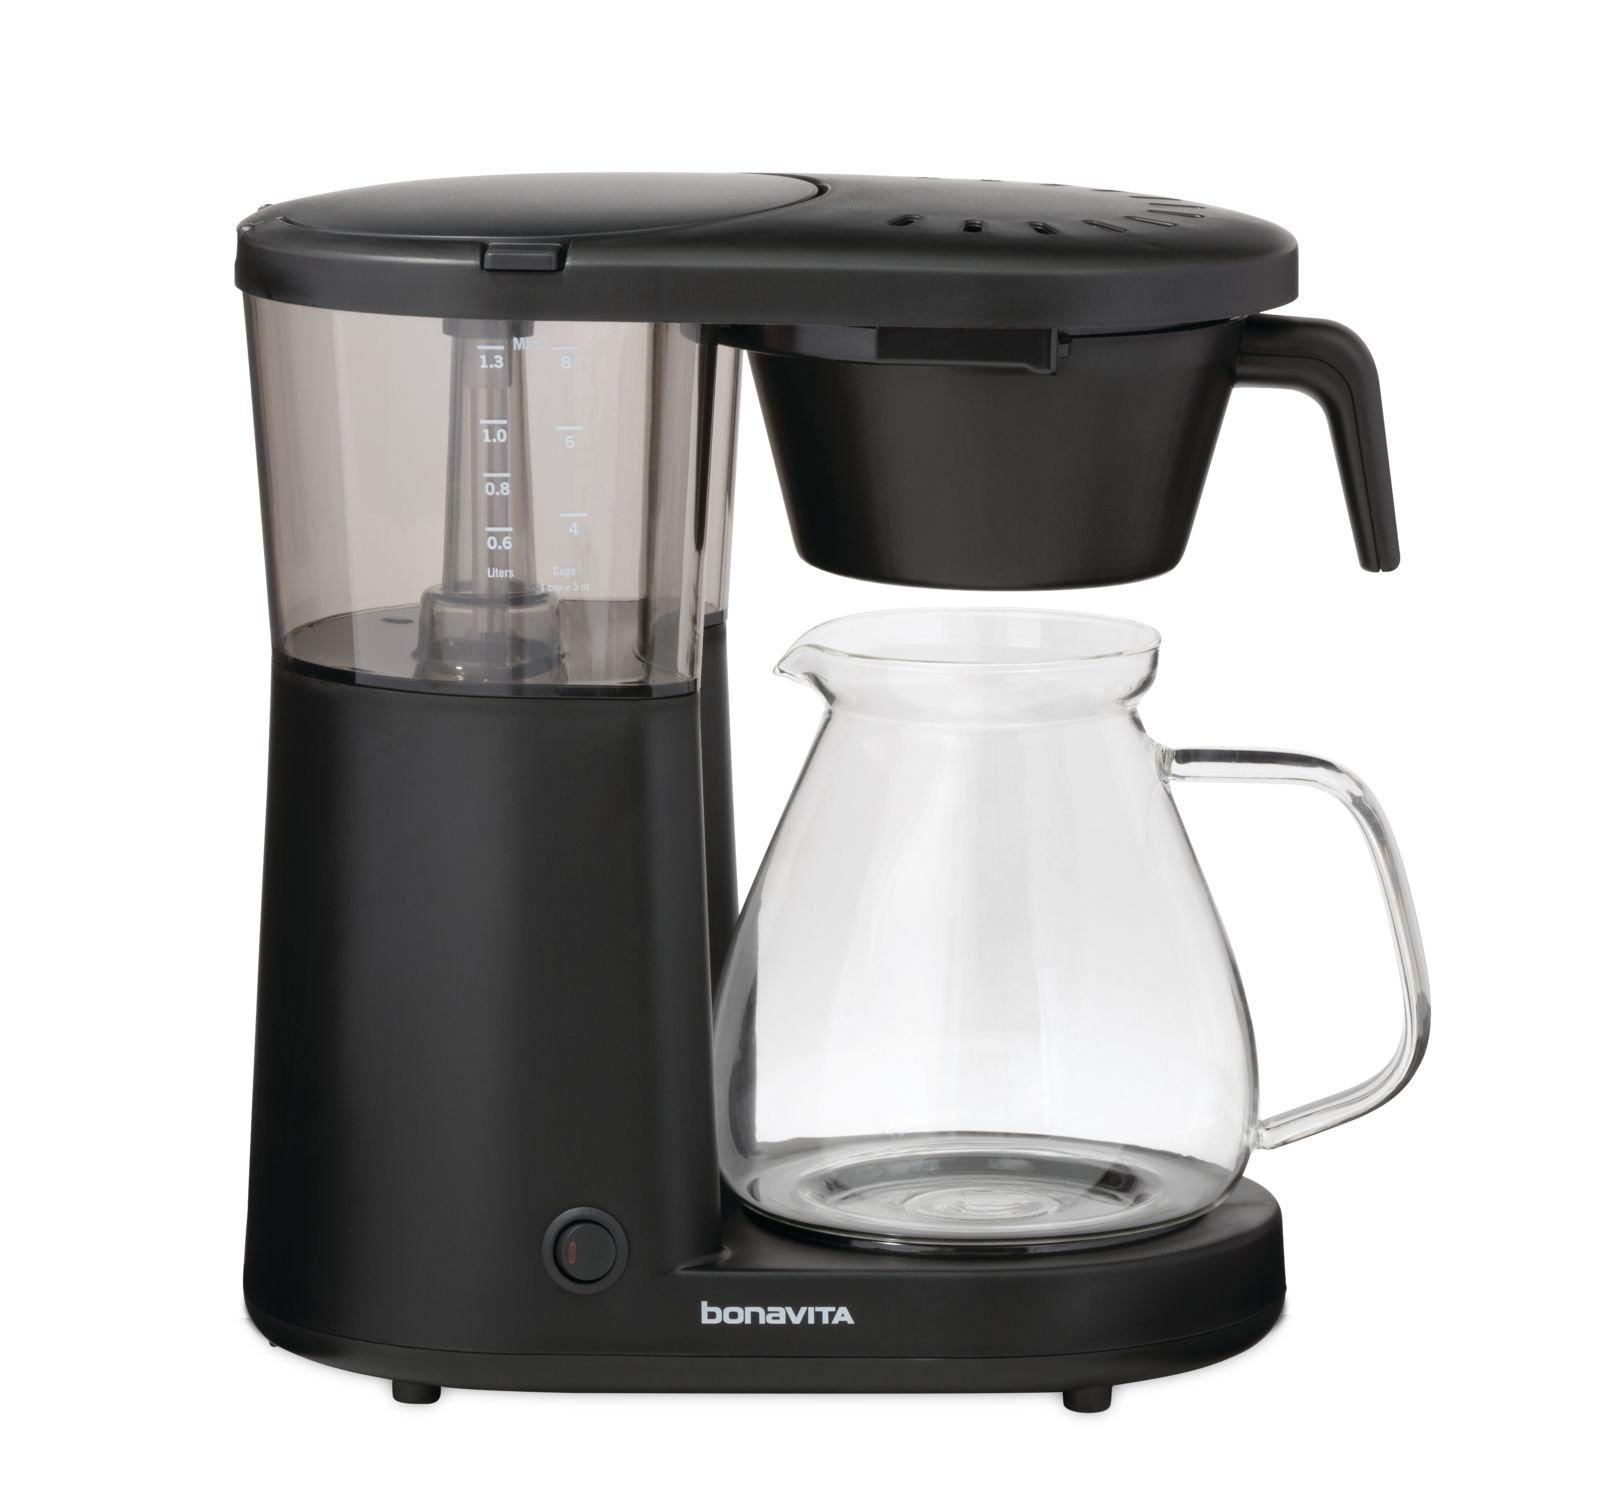 Bonavita BV1901PW Metropolitan One-Touch Coffee Brewer, Black